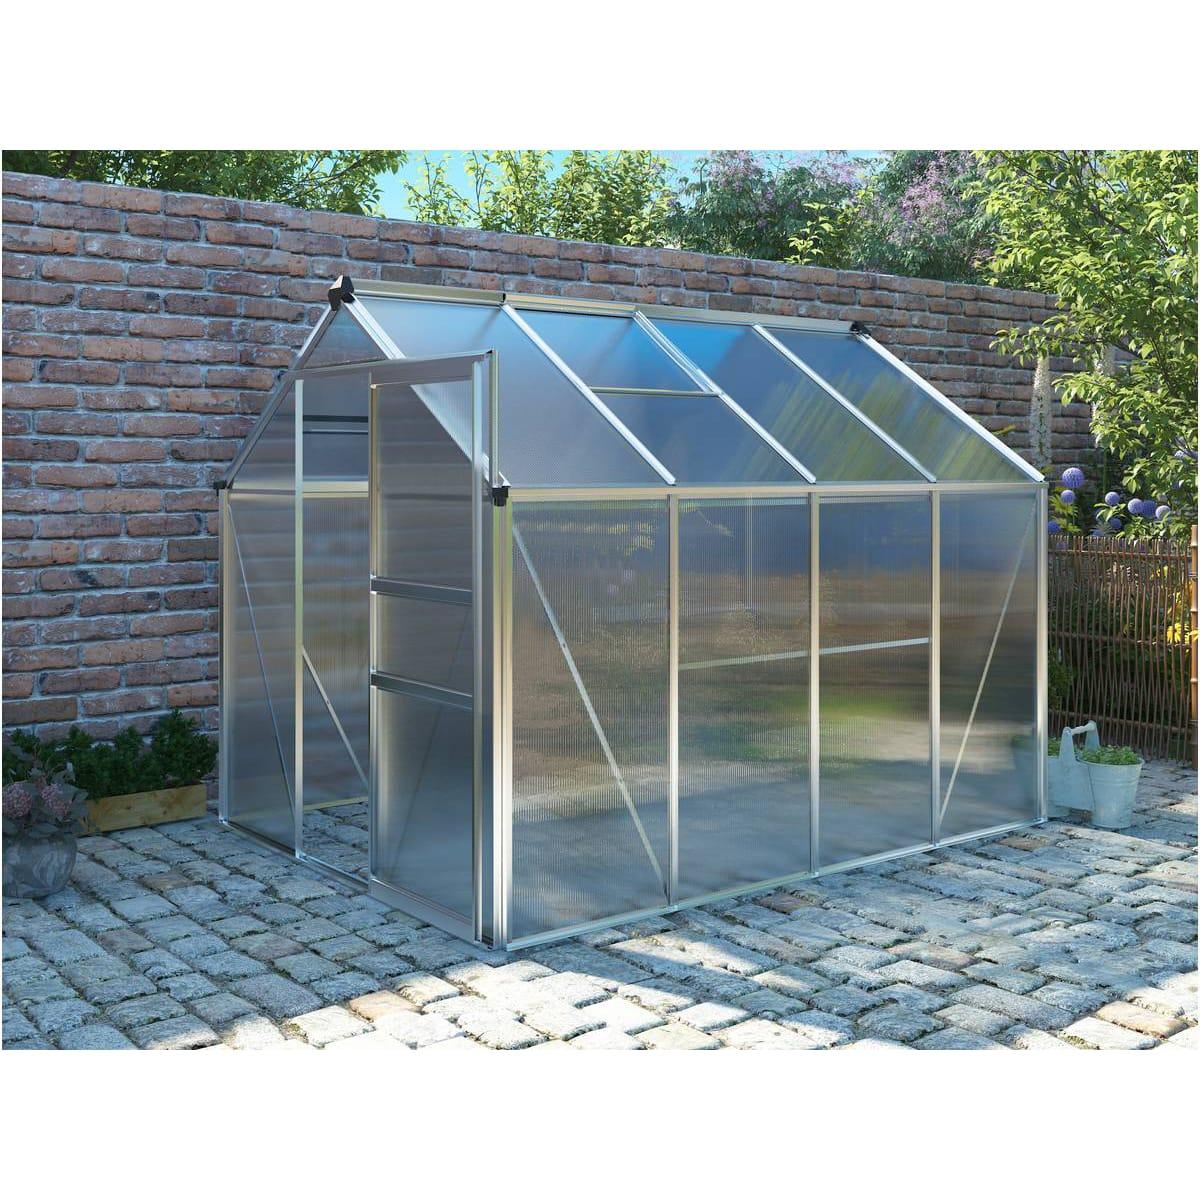 Habitat Et Jardin Serre Jardin Polycarbonate Hortensia 4 ... destiné Serre De Jardin Auchan